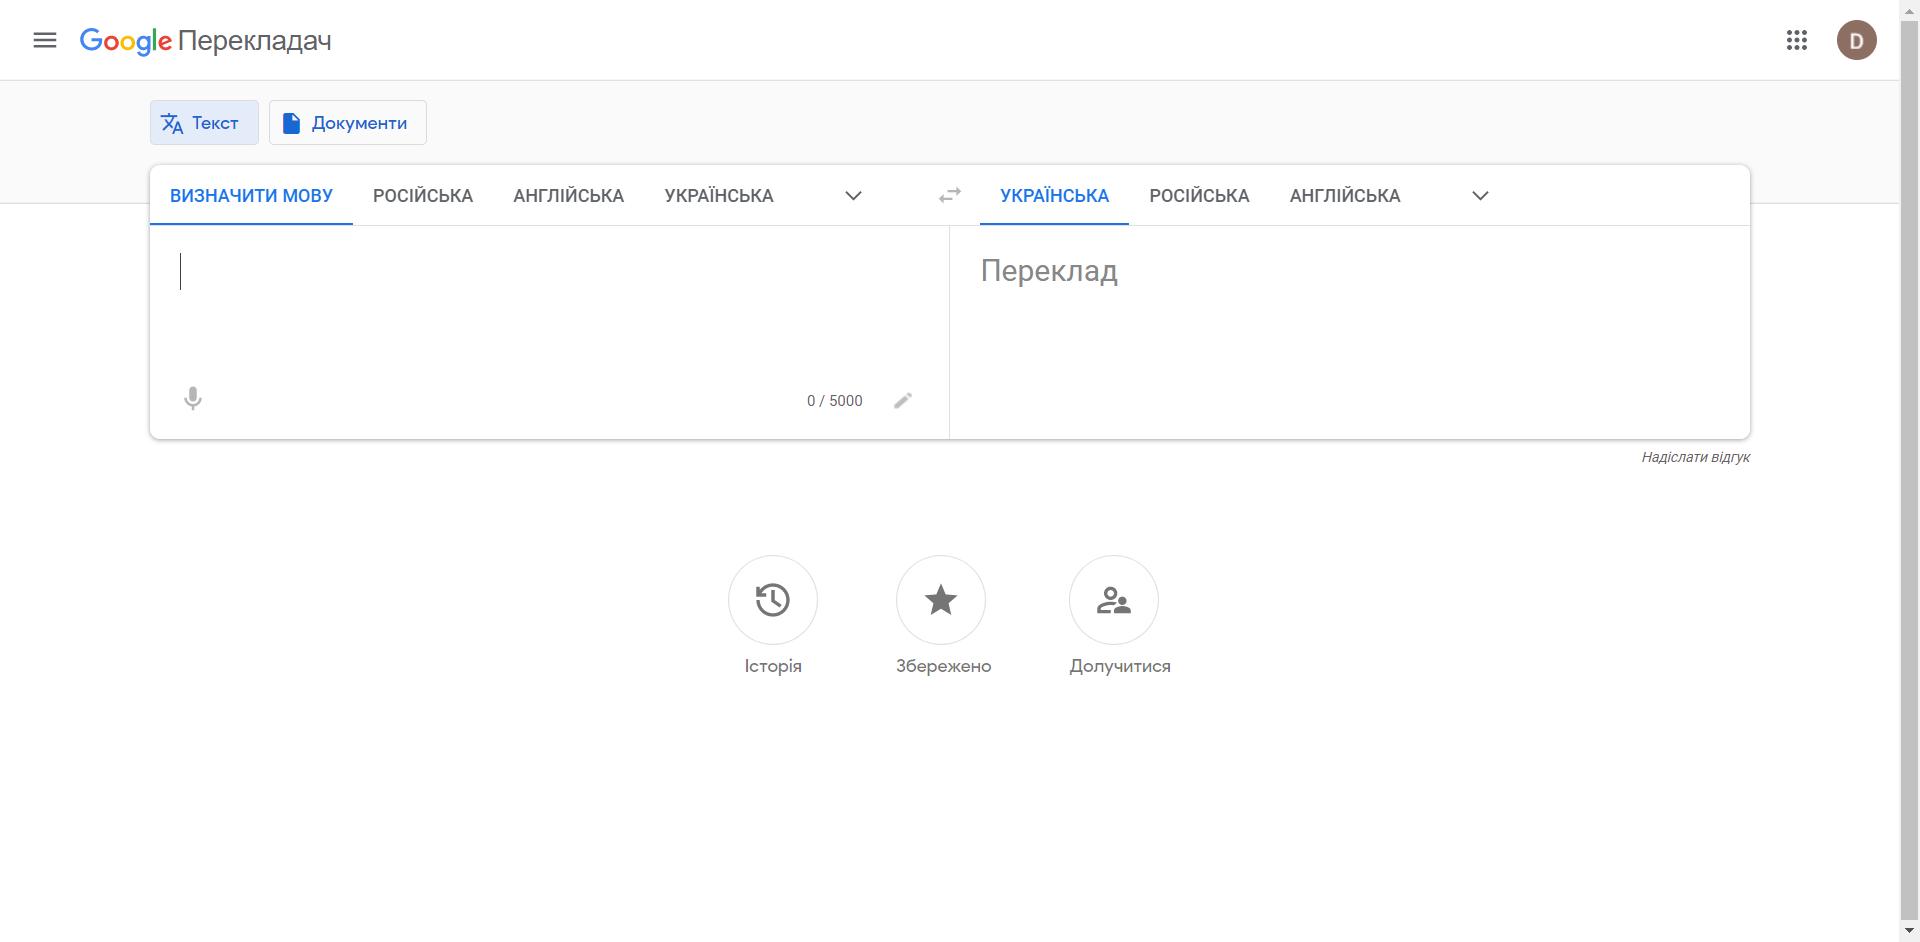 Google Перекладач інтерфейс